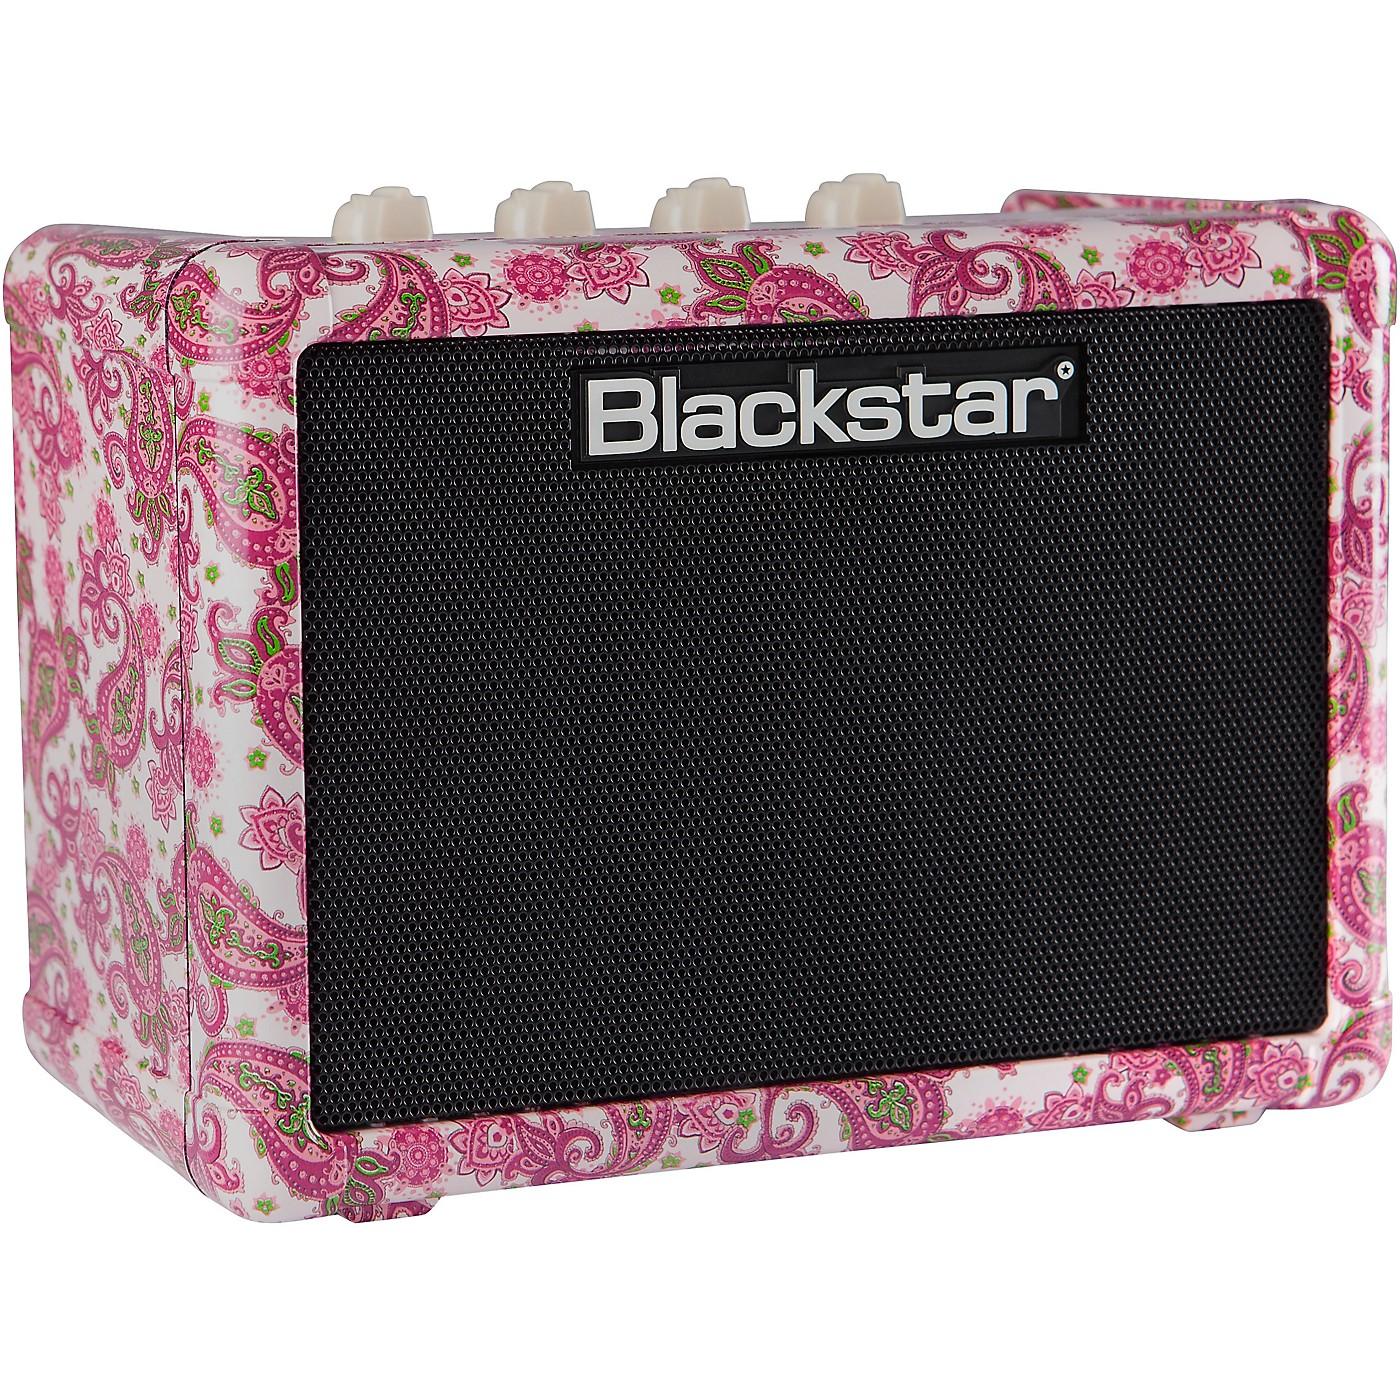 Blackstar Fly 3 3W Guitar Combo Amp Pink Paisley thumbnail